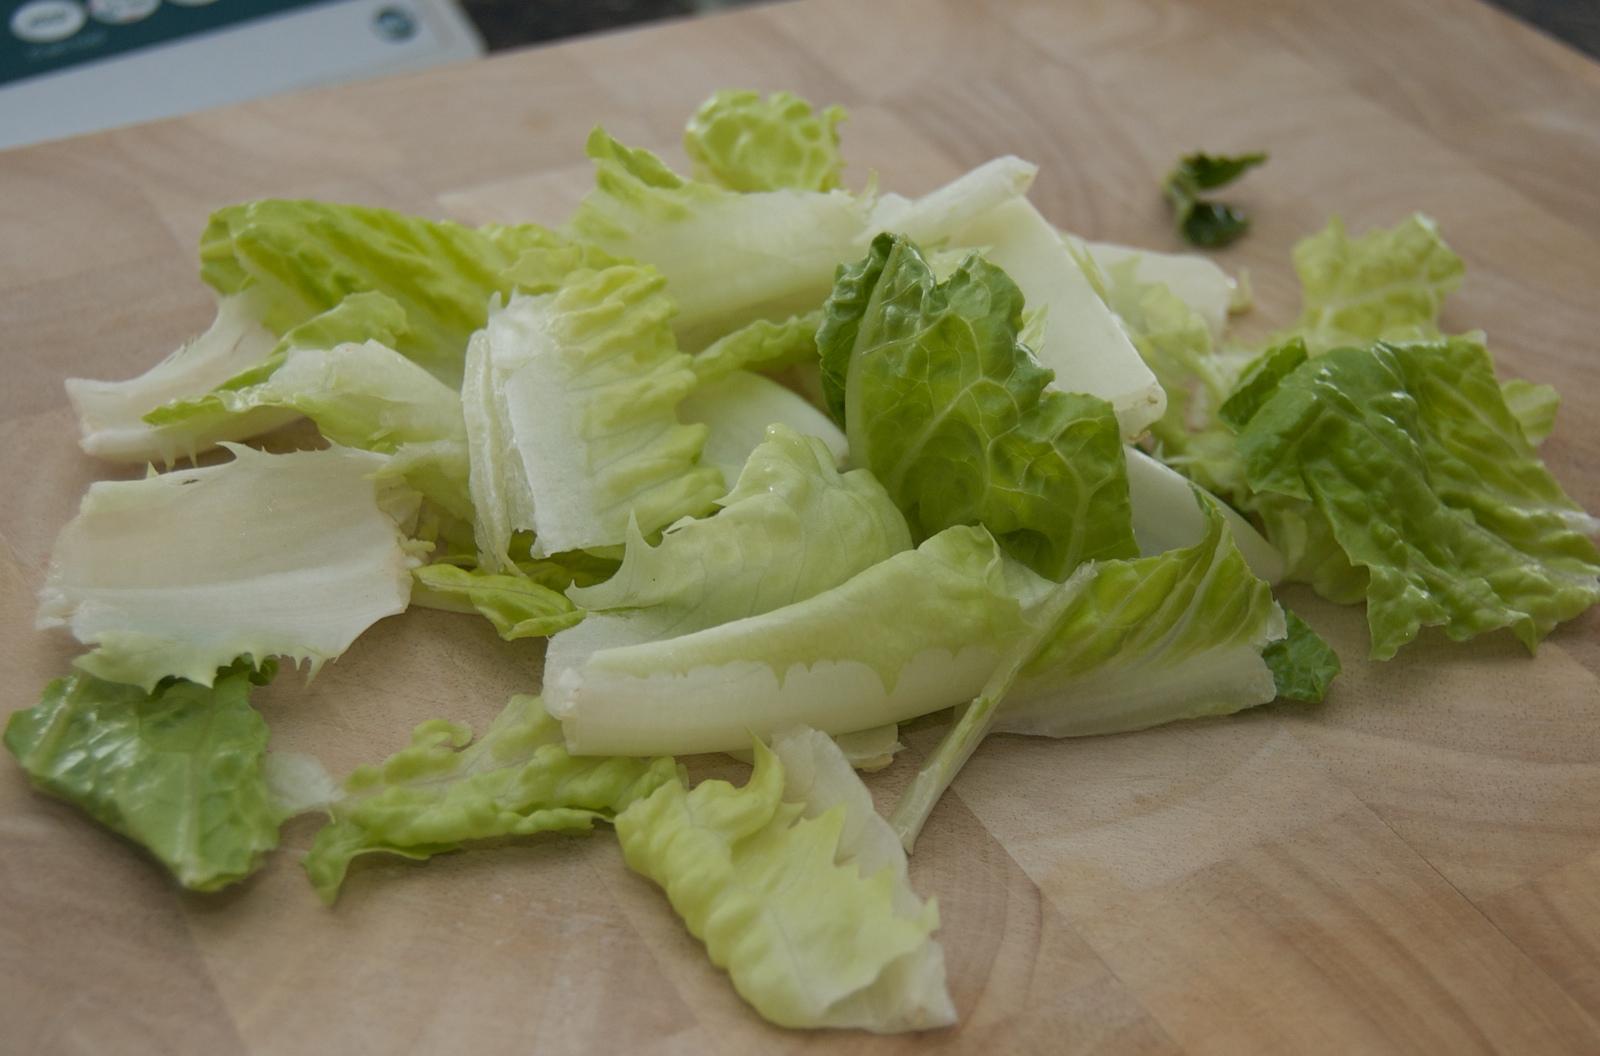 http://blog.rickk.com/food/2010/04/05/salad15.jpg